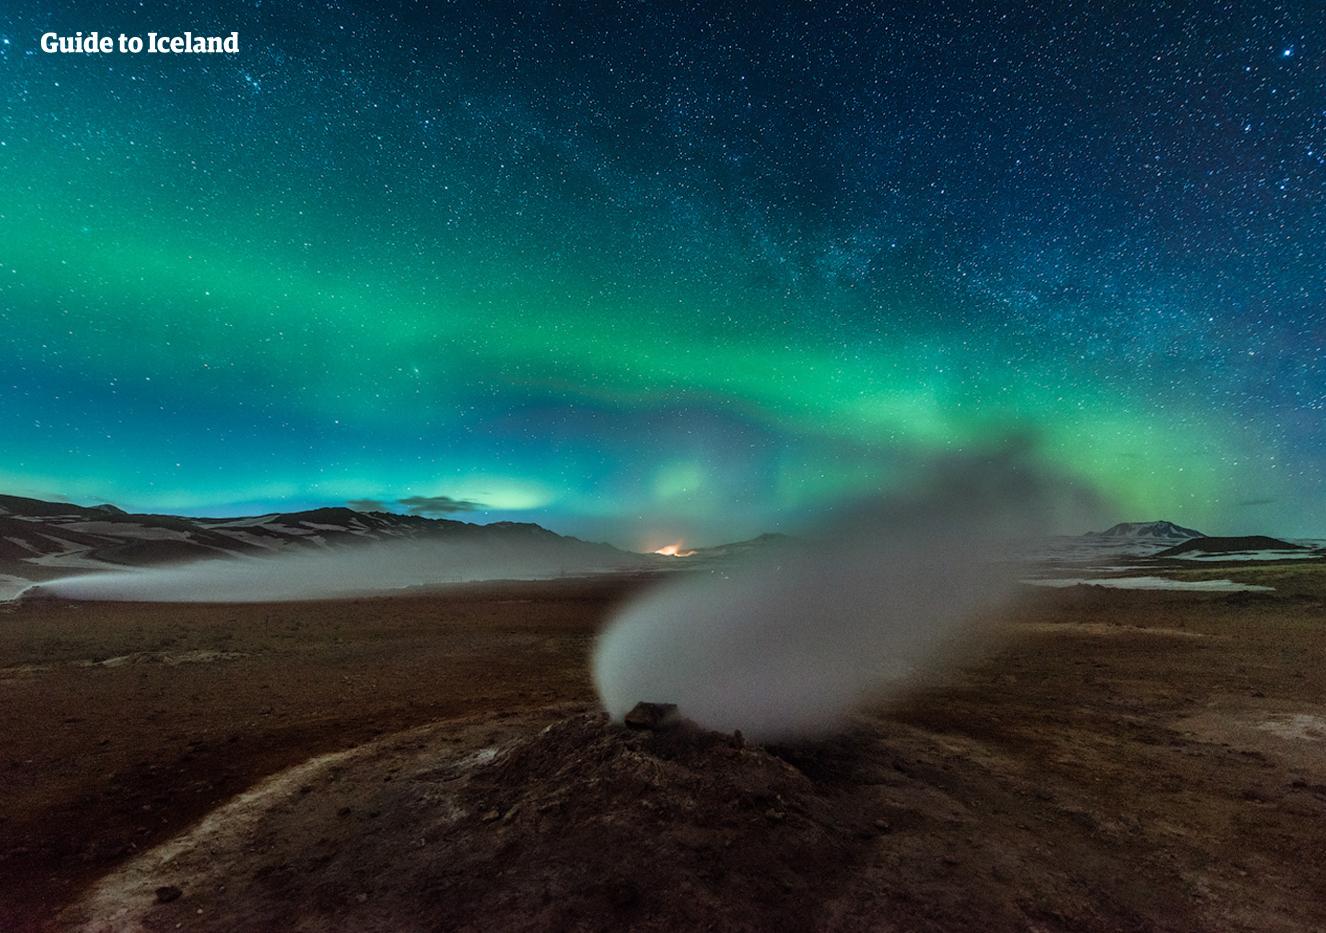 明亮的星空伴随着北极光出现在冰岛北部米糊附近地热区的上空